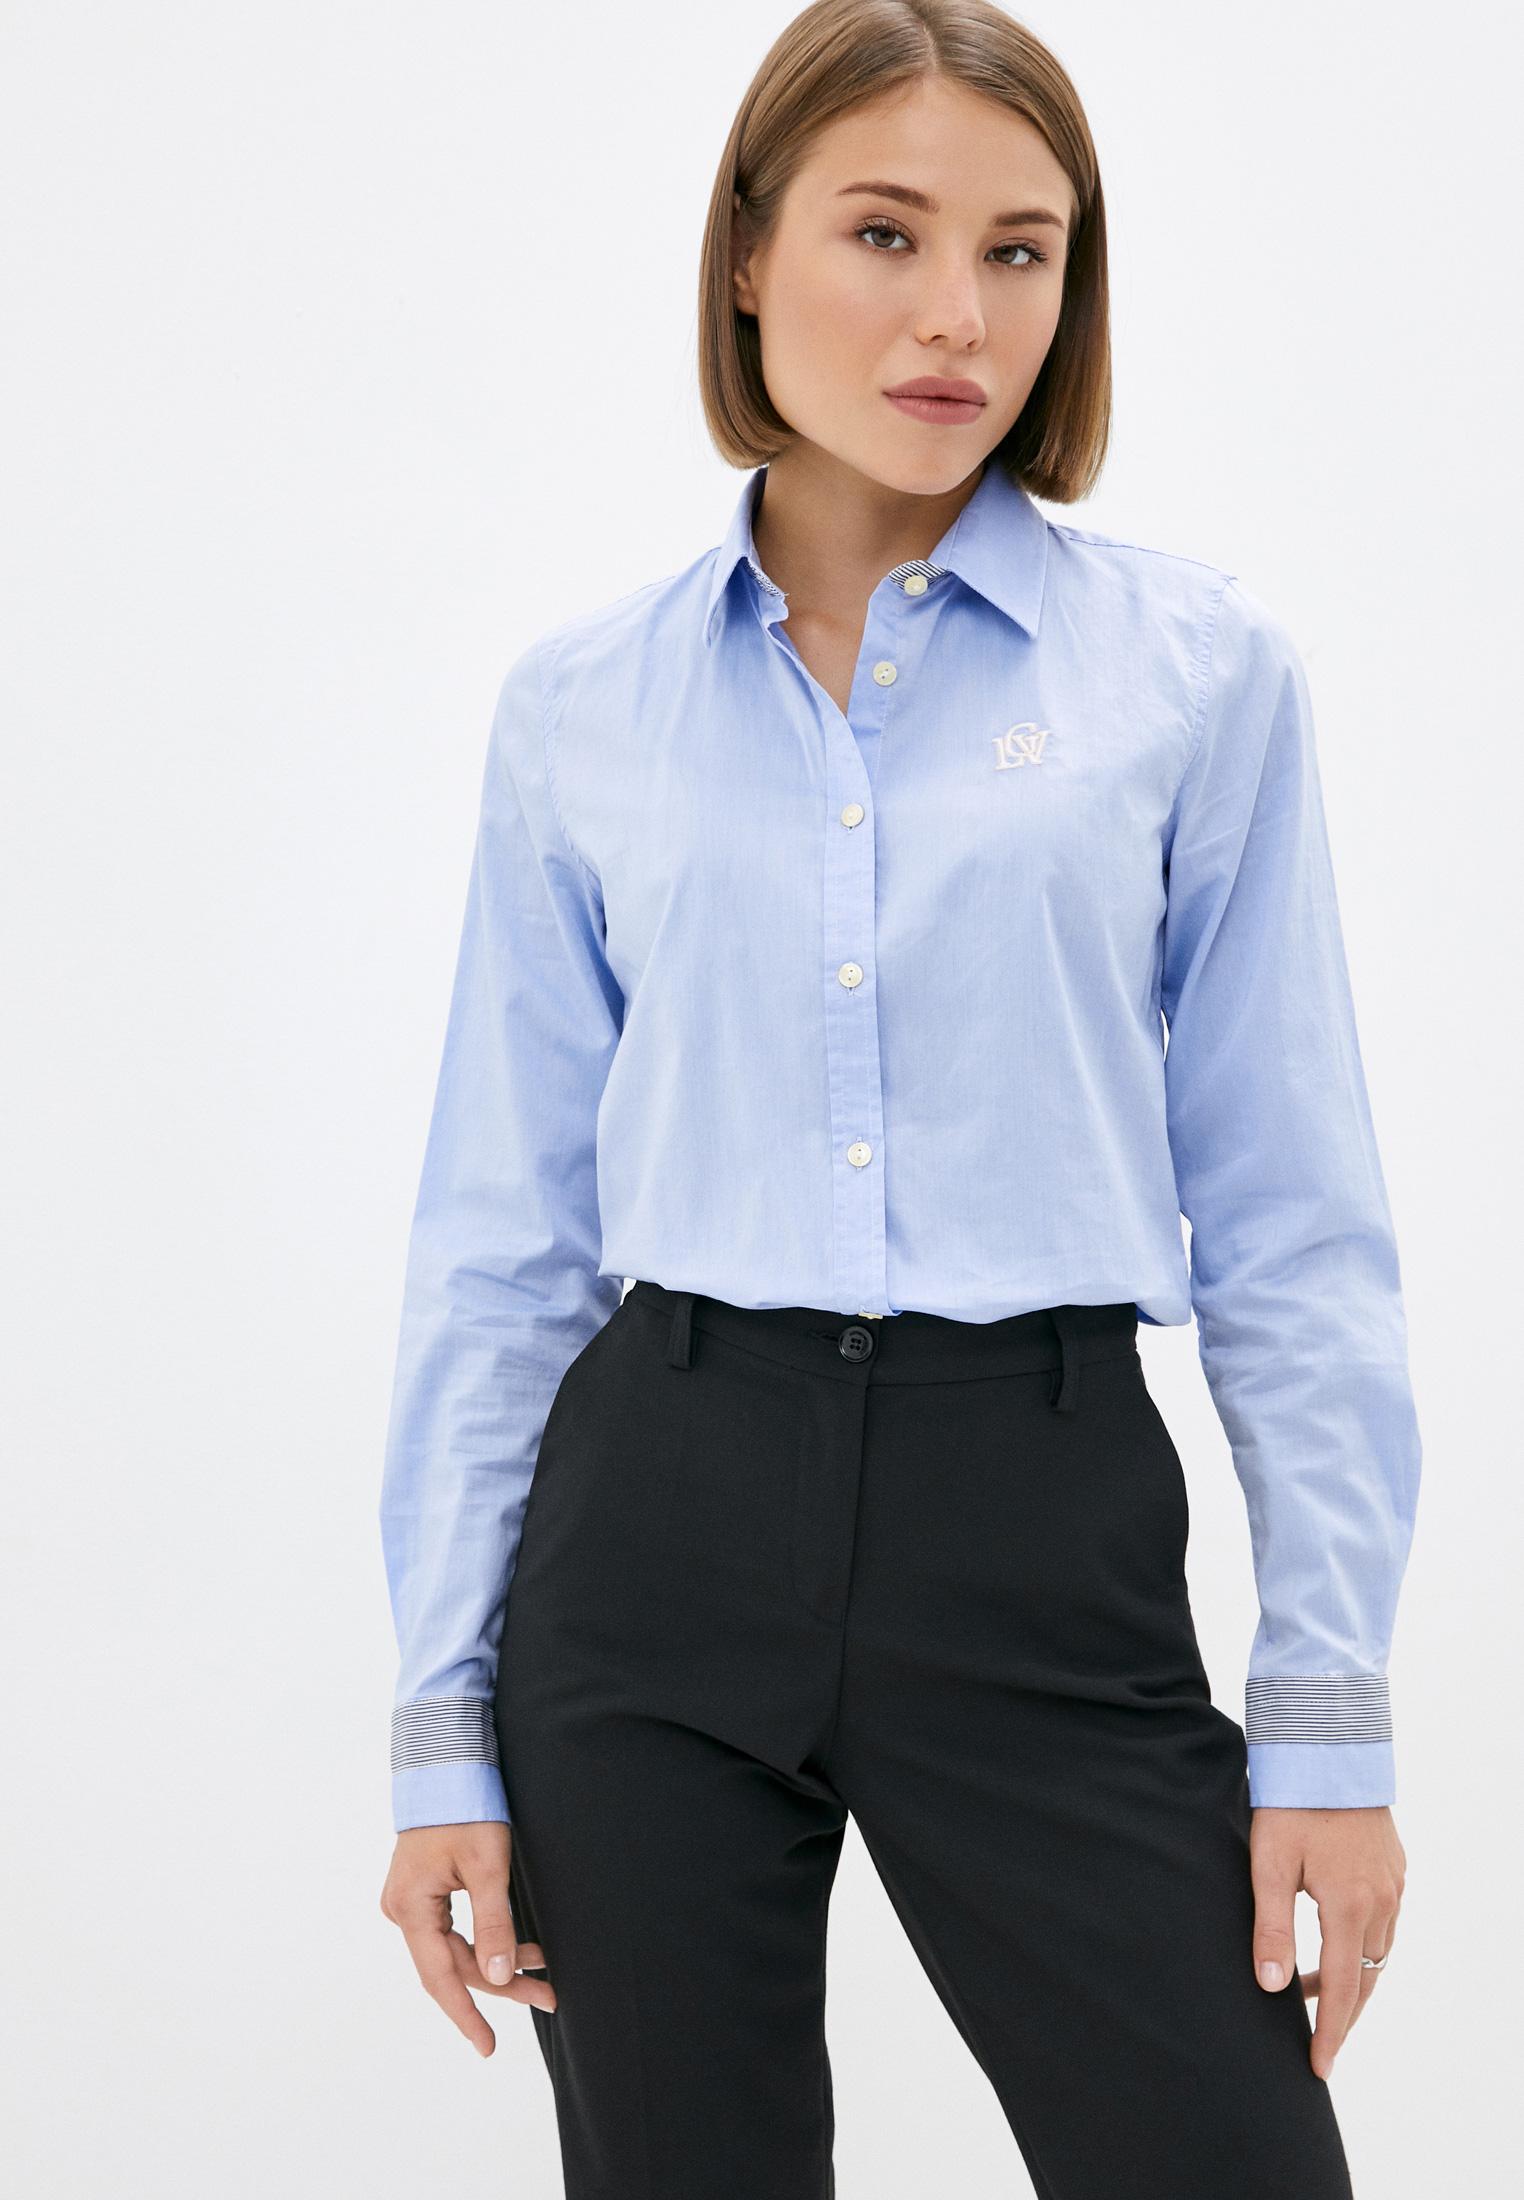 Женские рубашки с длинным рукавом Galvanni Рубашка Galvanni